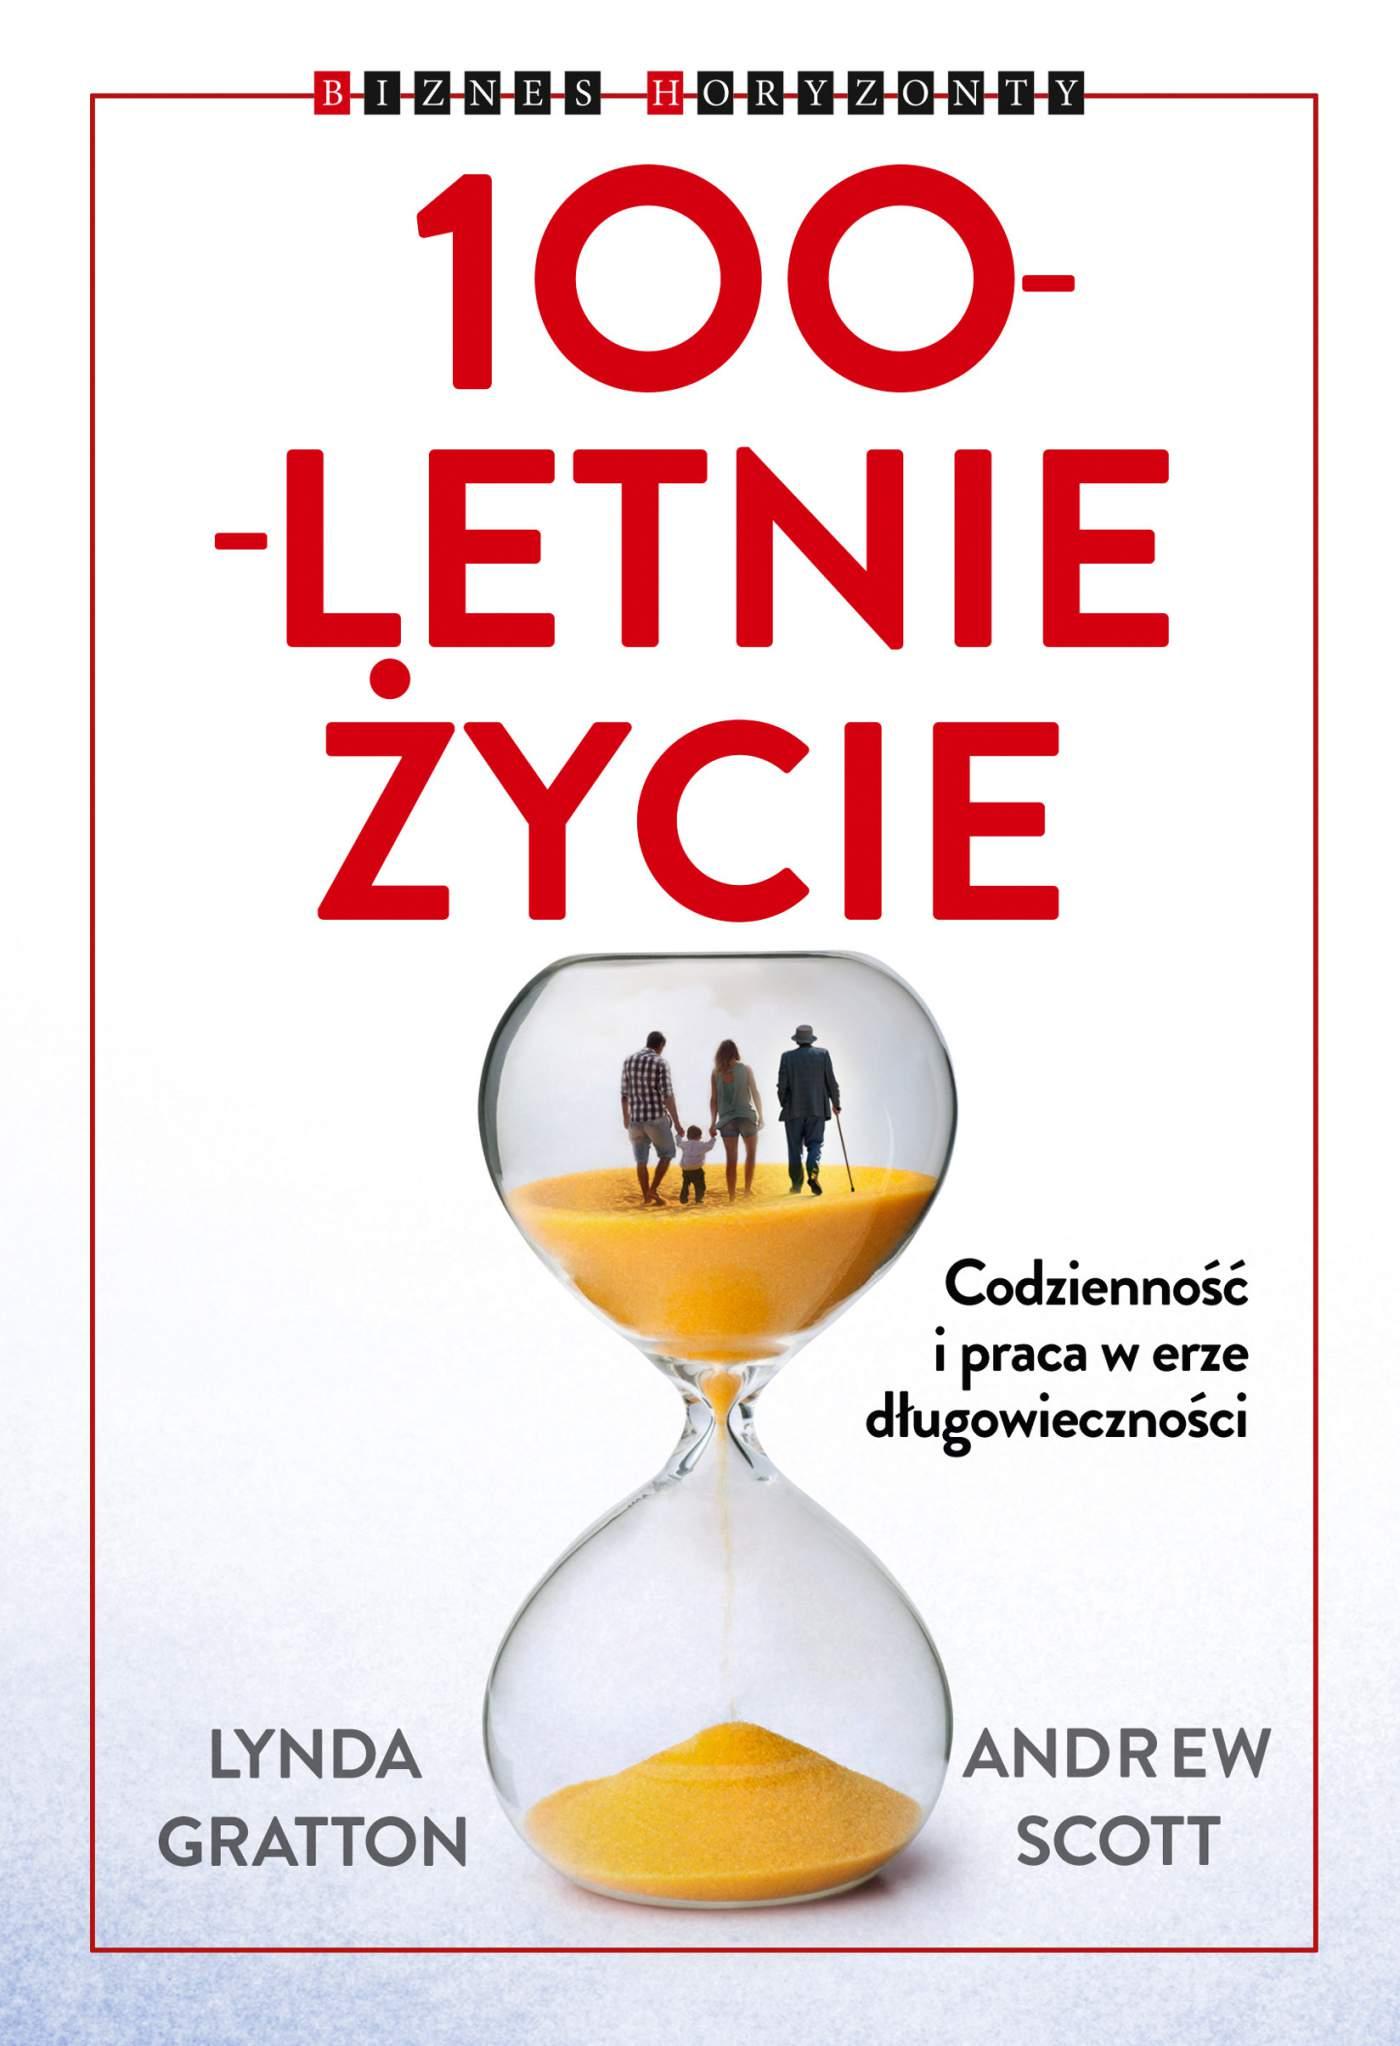 100-letnie życie. Codzienność i praca w erze długowieczności - Ebook (Książka PDF) do pobrania w formacie PDF